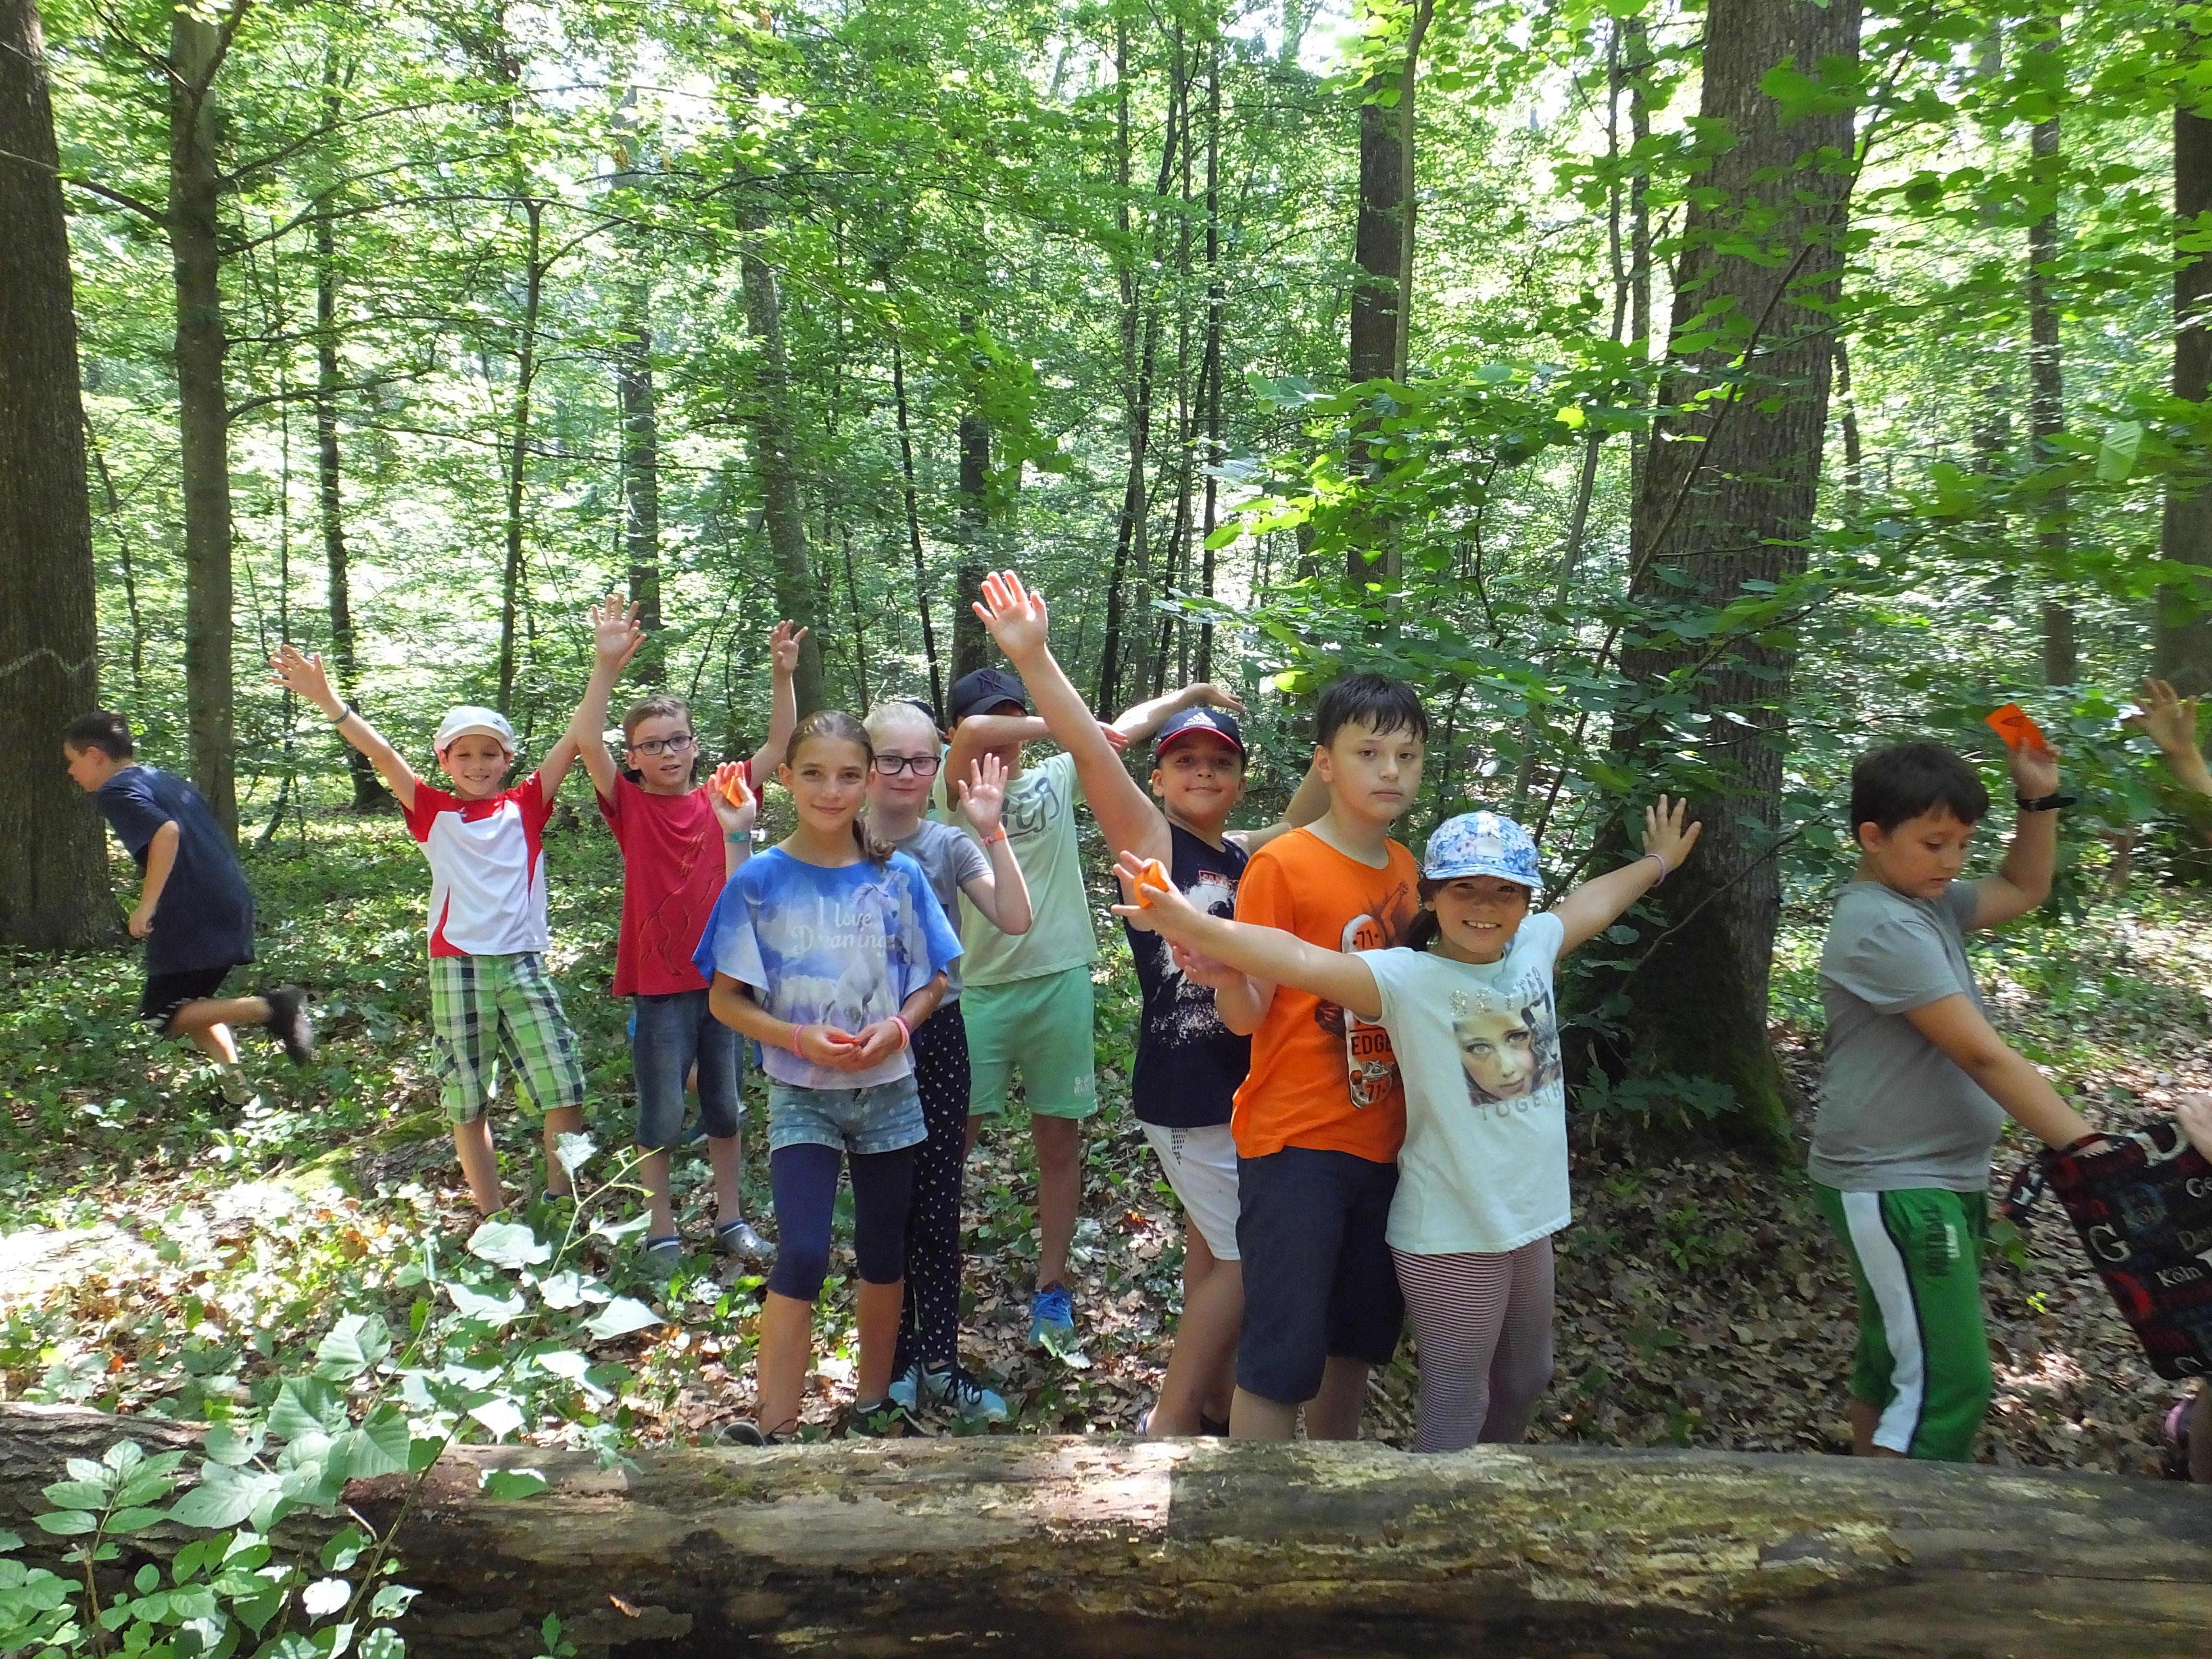 Zootiere ausgebrochen! Grundschüler fangen sie im Wald wieder ein